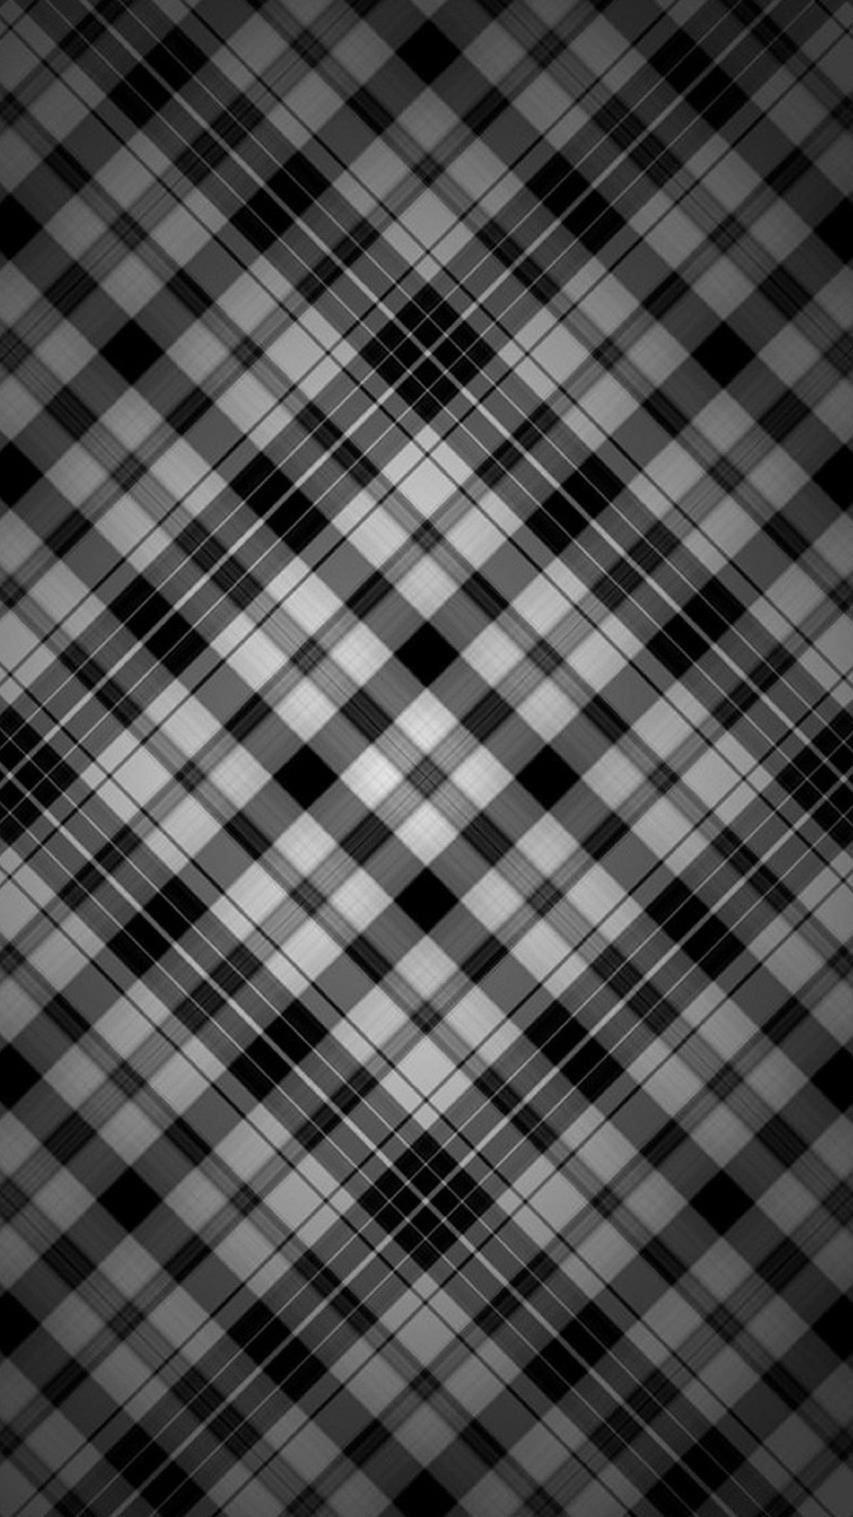 gambar wallpaper keren untuk hp samsung galaxy mini 2